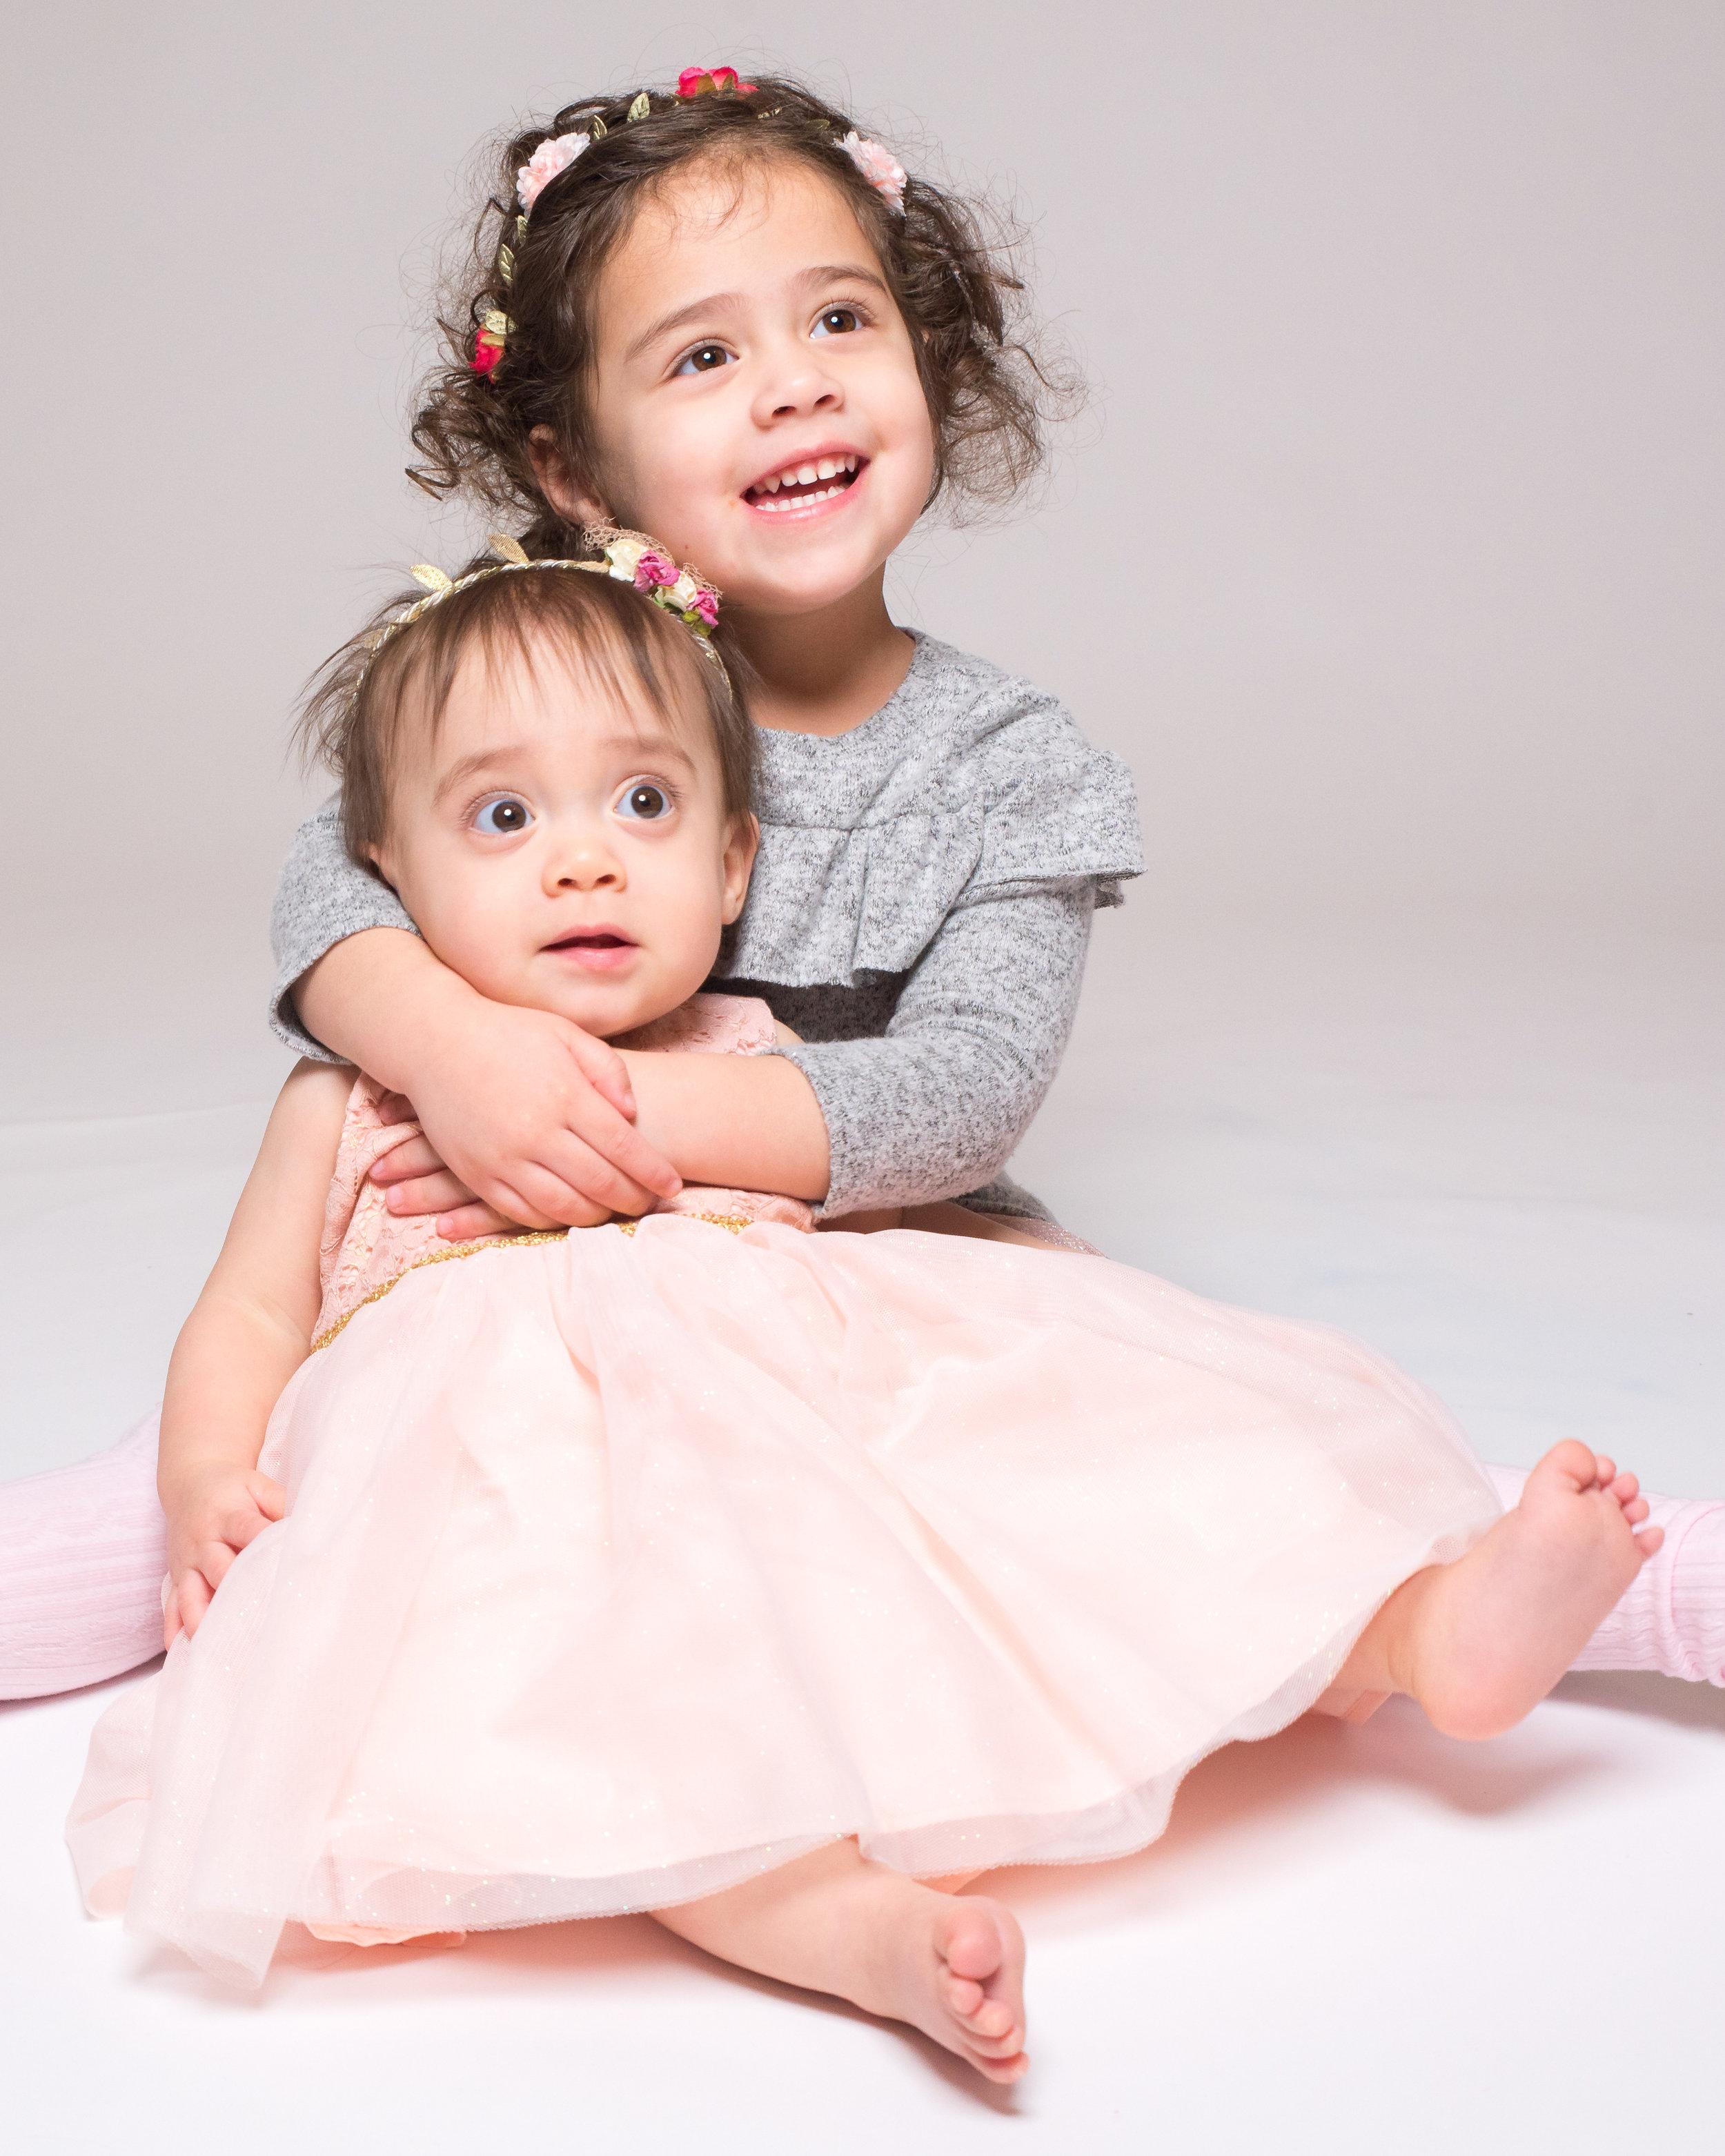 2018_February_04-Veronica_Sullivan_One_Year_Baby_Pics-44690.jpg